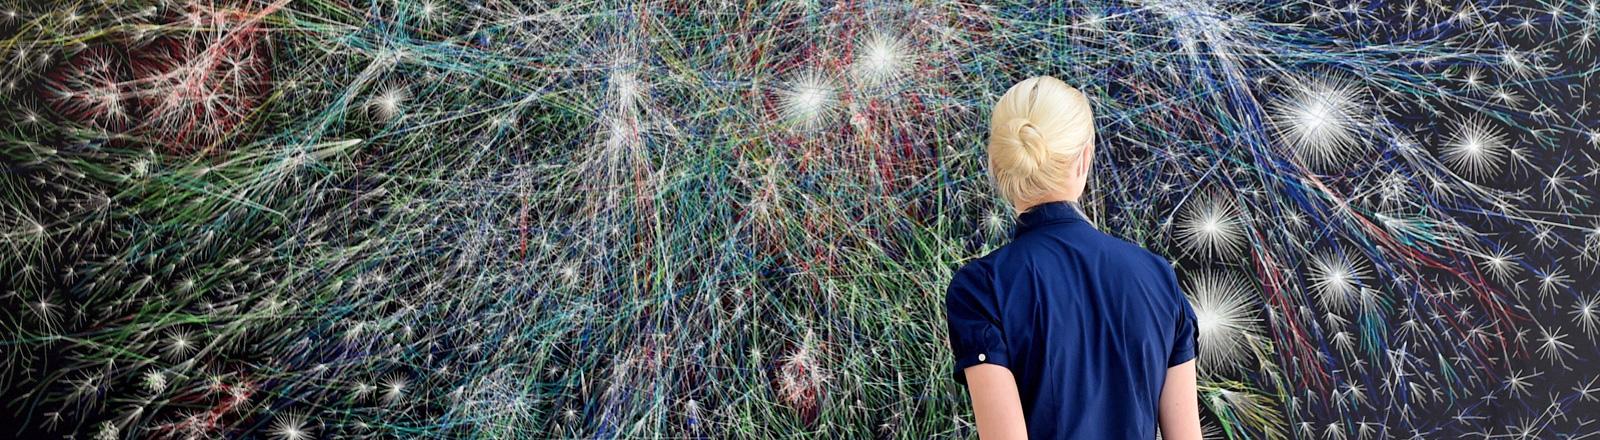 Eine Frau steht vor einer Wand, auf der ein Netz farbiger Striche zu sehen ist. Das Kunstobjekt visualiserit den Datenverkehr im Netz. Der Künster ist der US-amerikanische Informatiker und Künstler Barrett Lyon; Bild: dpa